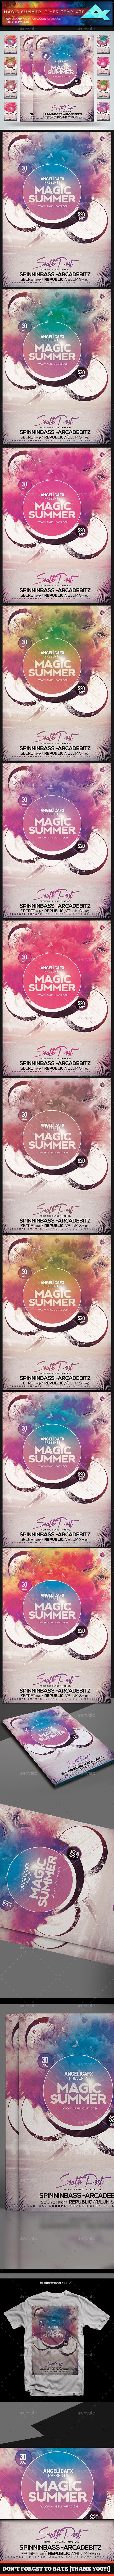 Magic Summer Flyer Template